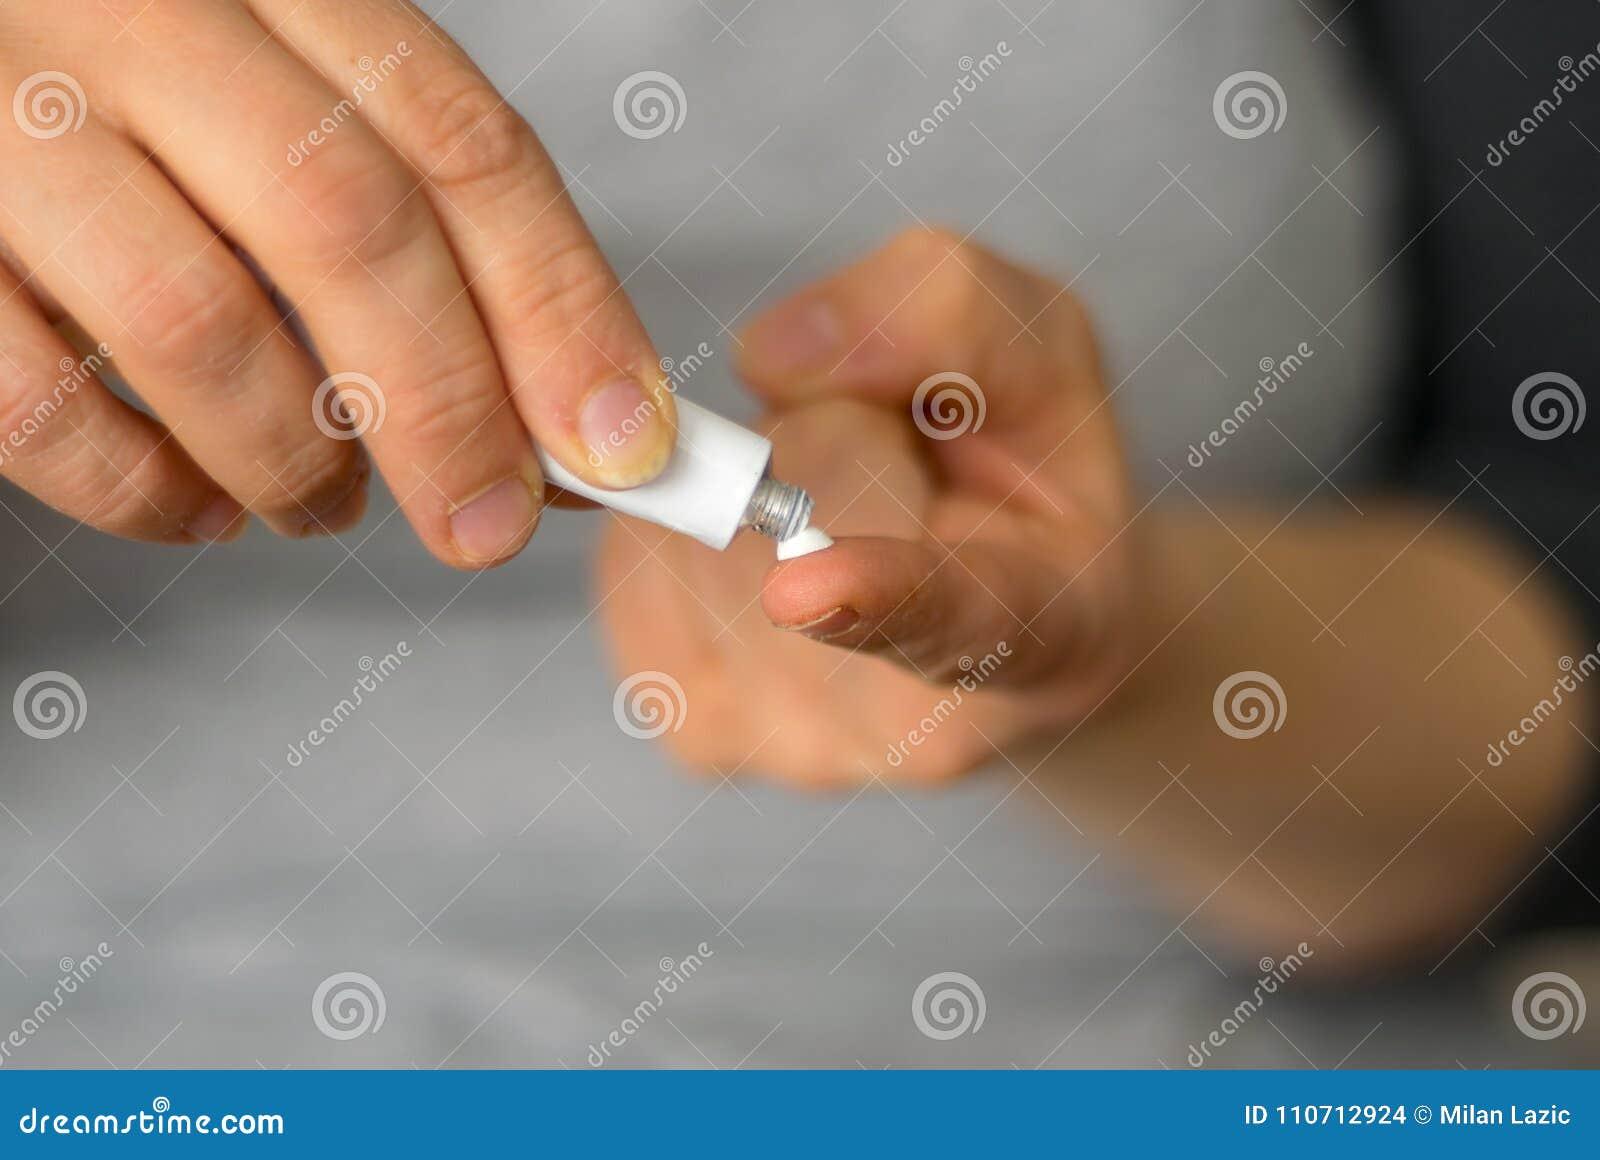 Женщина нажимает сливк от трубки на пальце